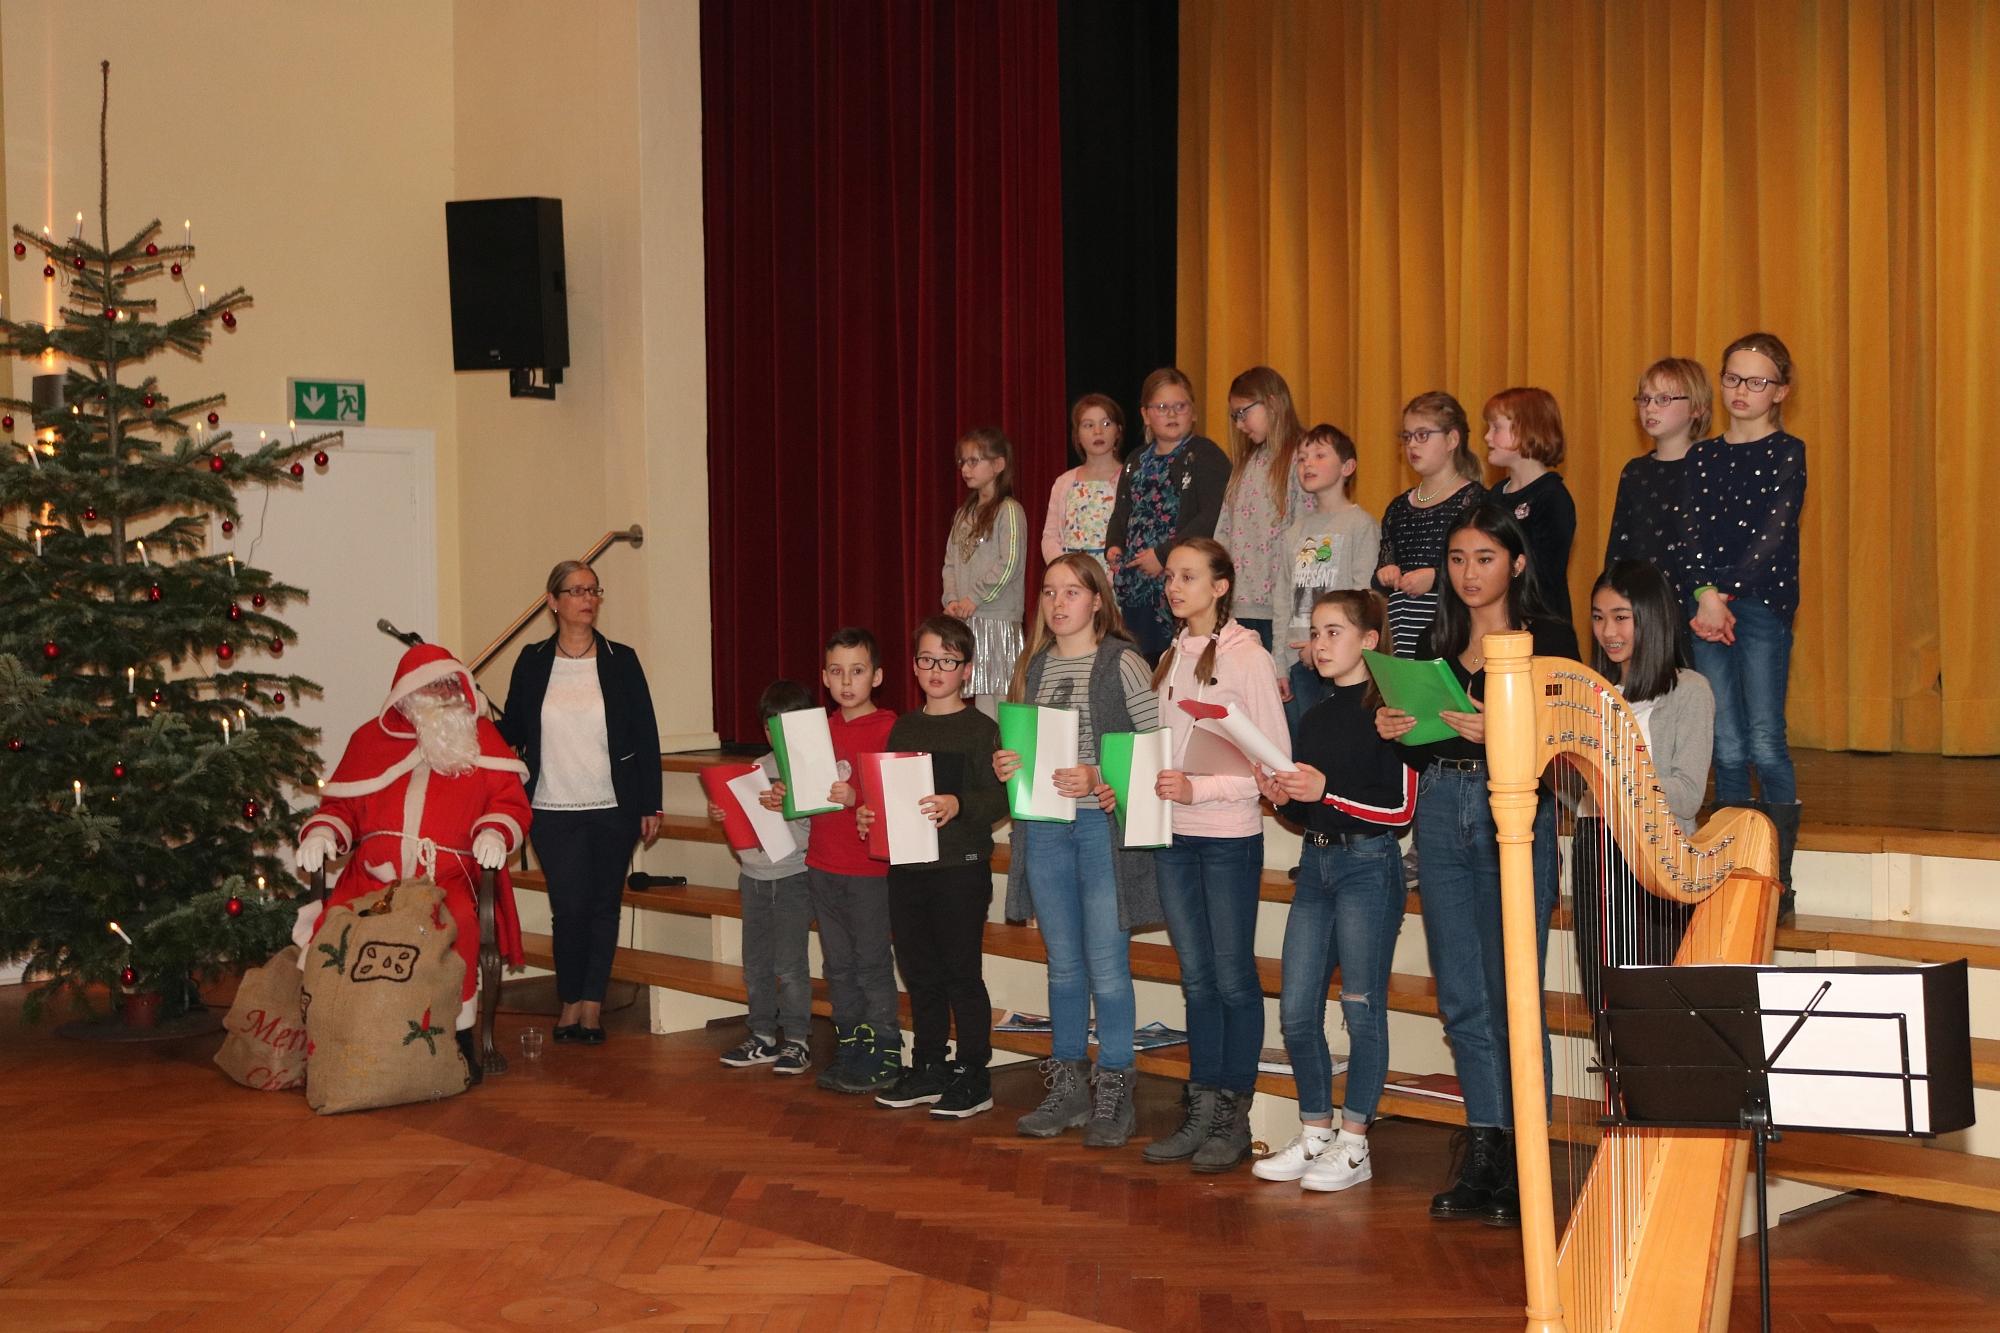 20191213 Senioren-Weihnachtsbacken Gemeinde Leck 16